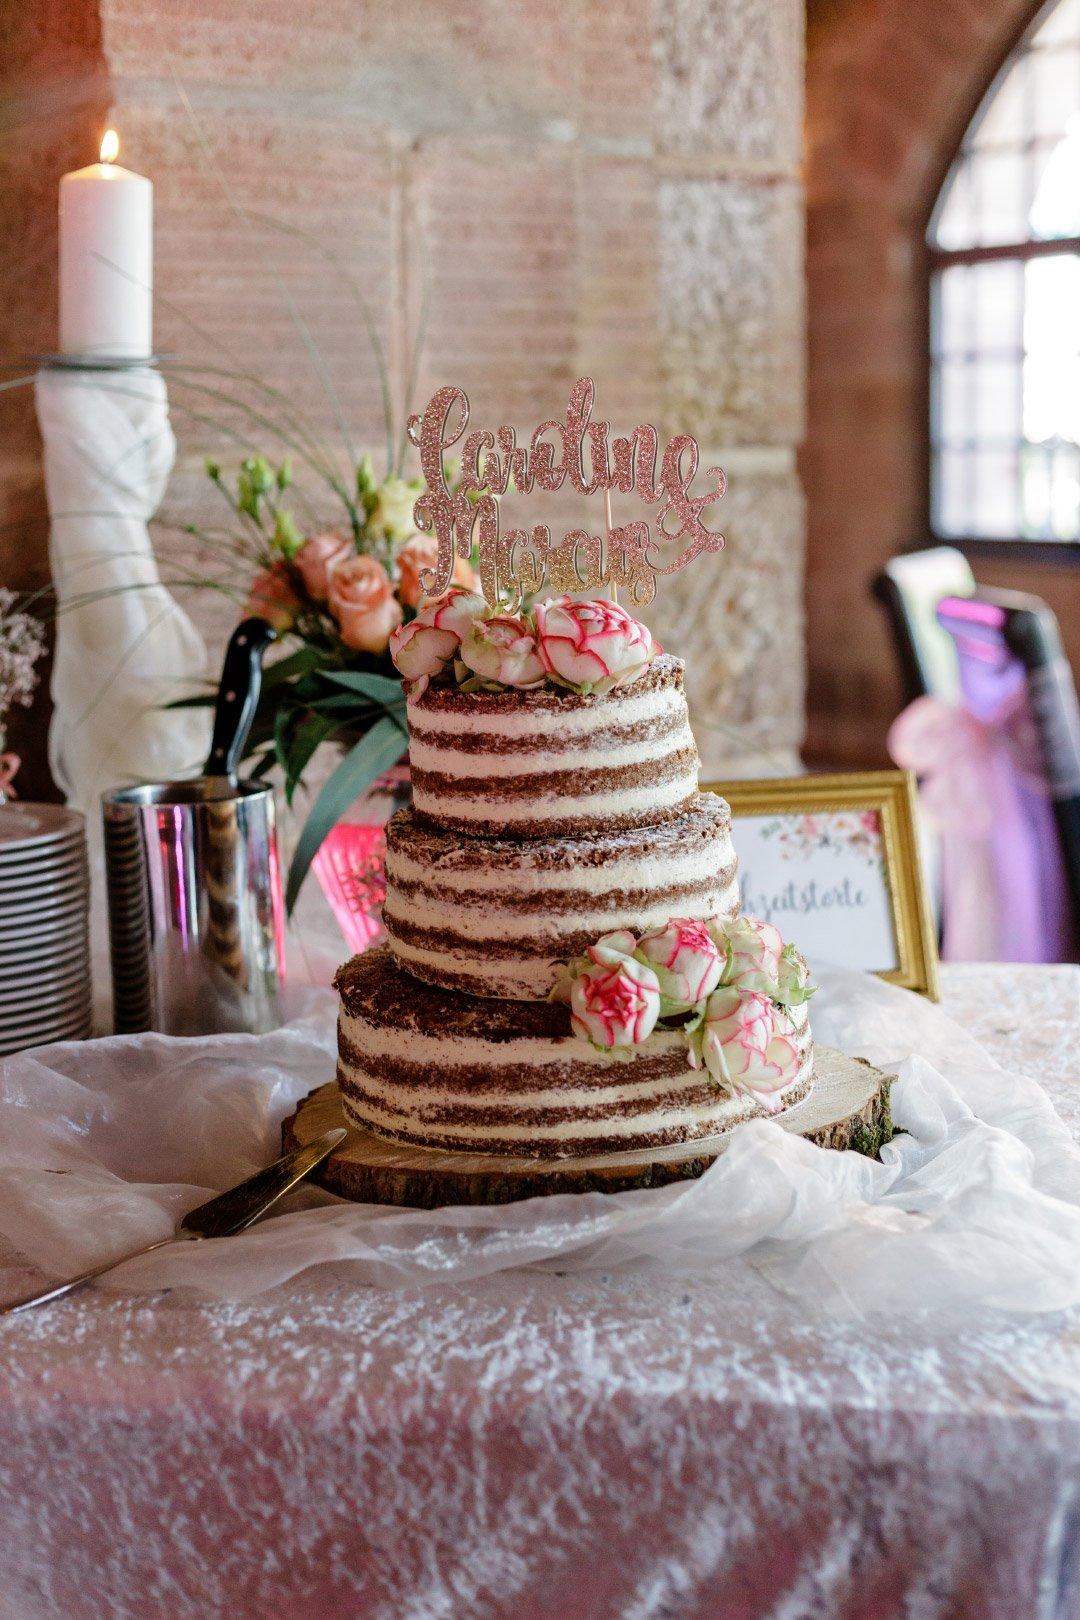 Naked Cake bei der Hochzeit mit großem Caketopper